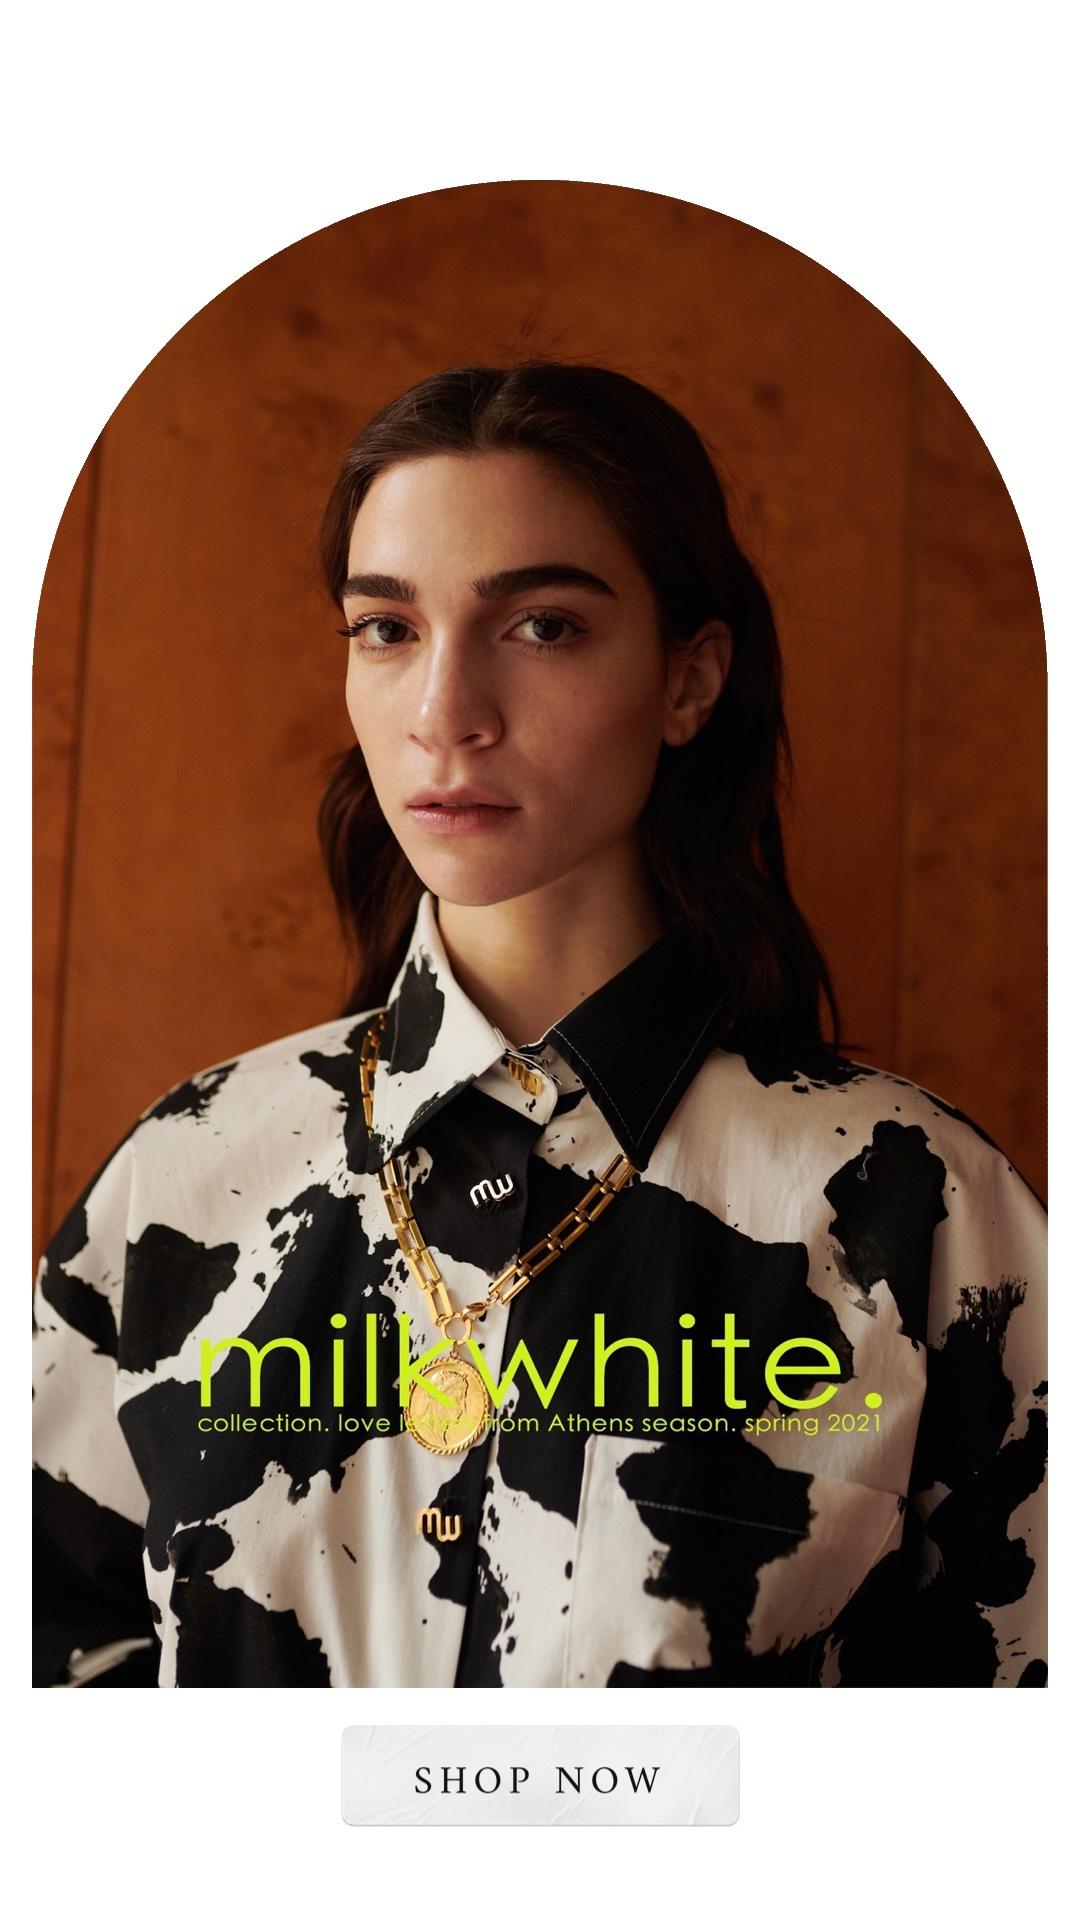 Milkwhite